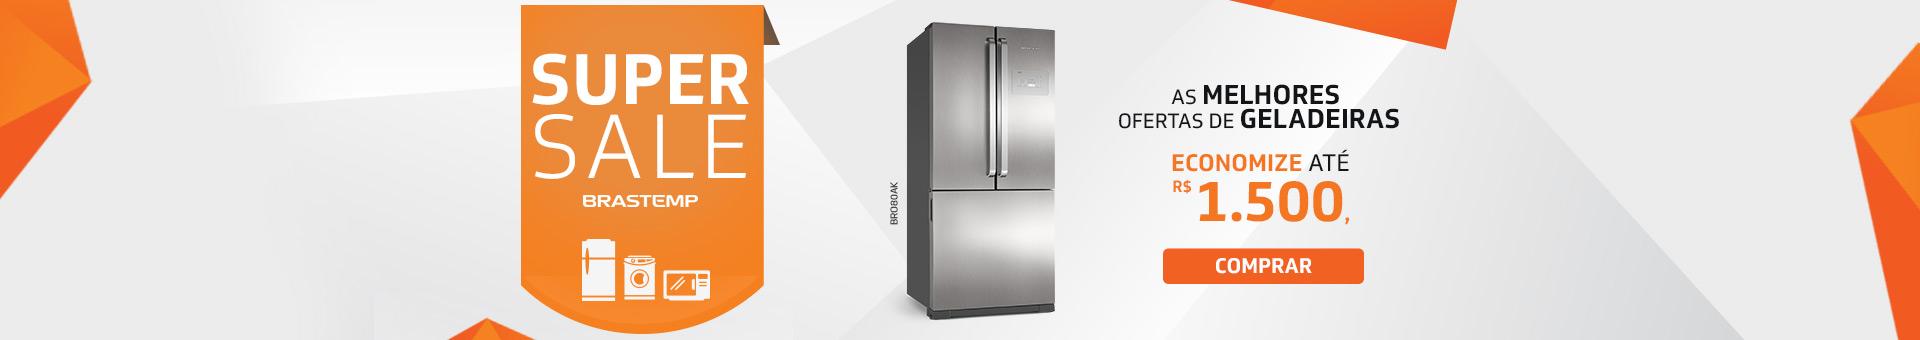 Promoção Interna - 22 - supersale - geladeiras - 2